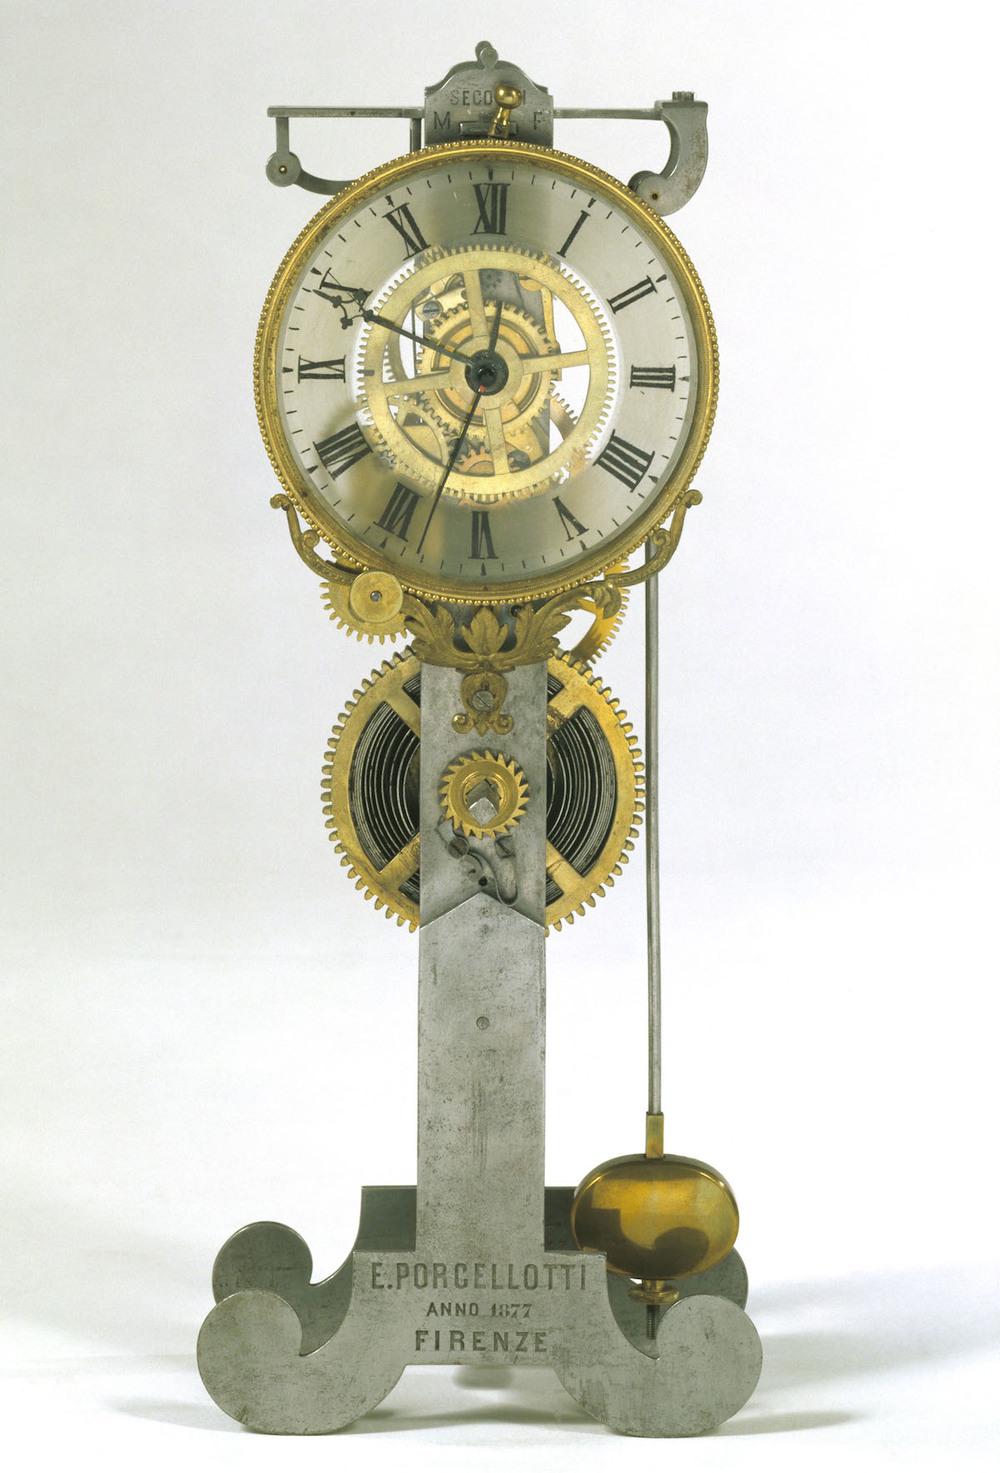 Clock by Eustachio Porcellotti circa 1887.